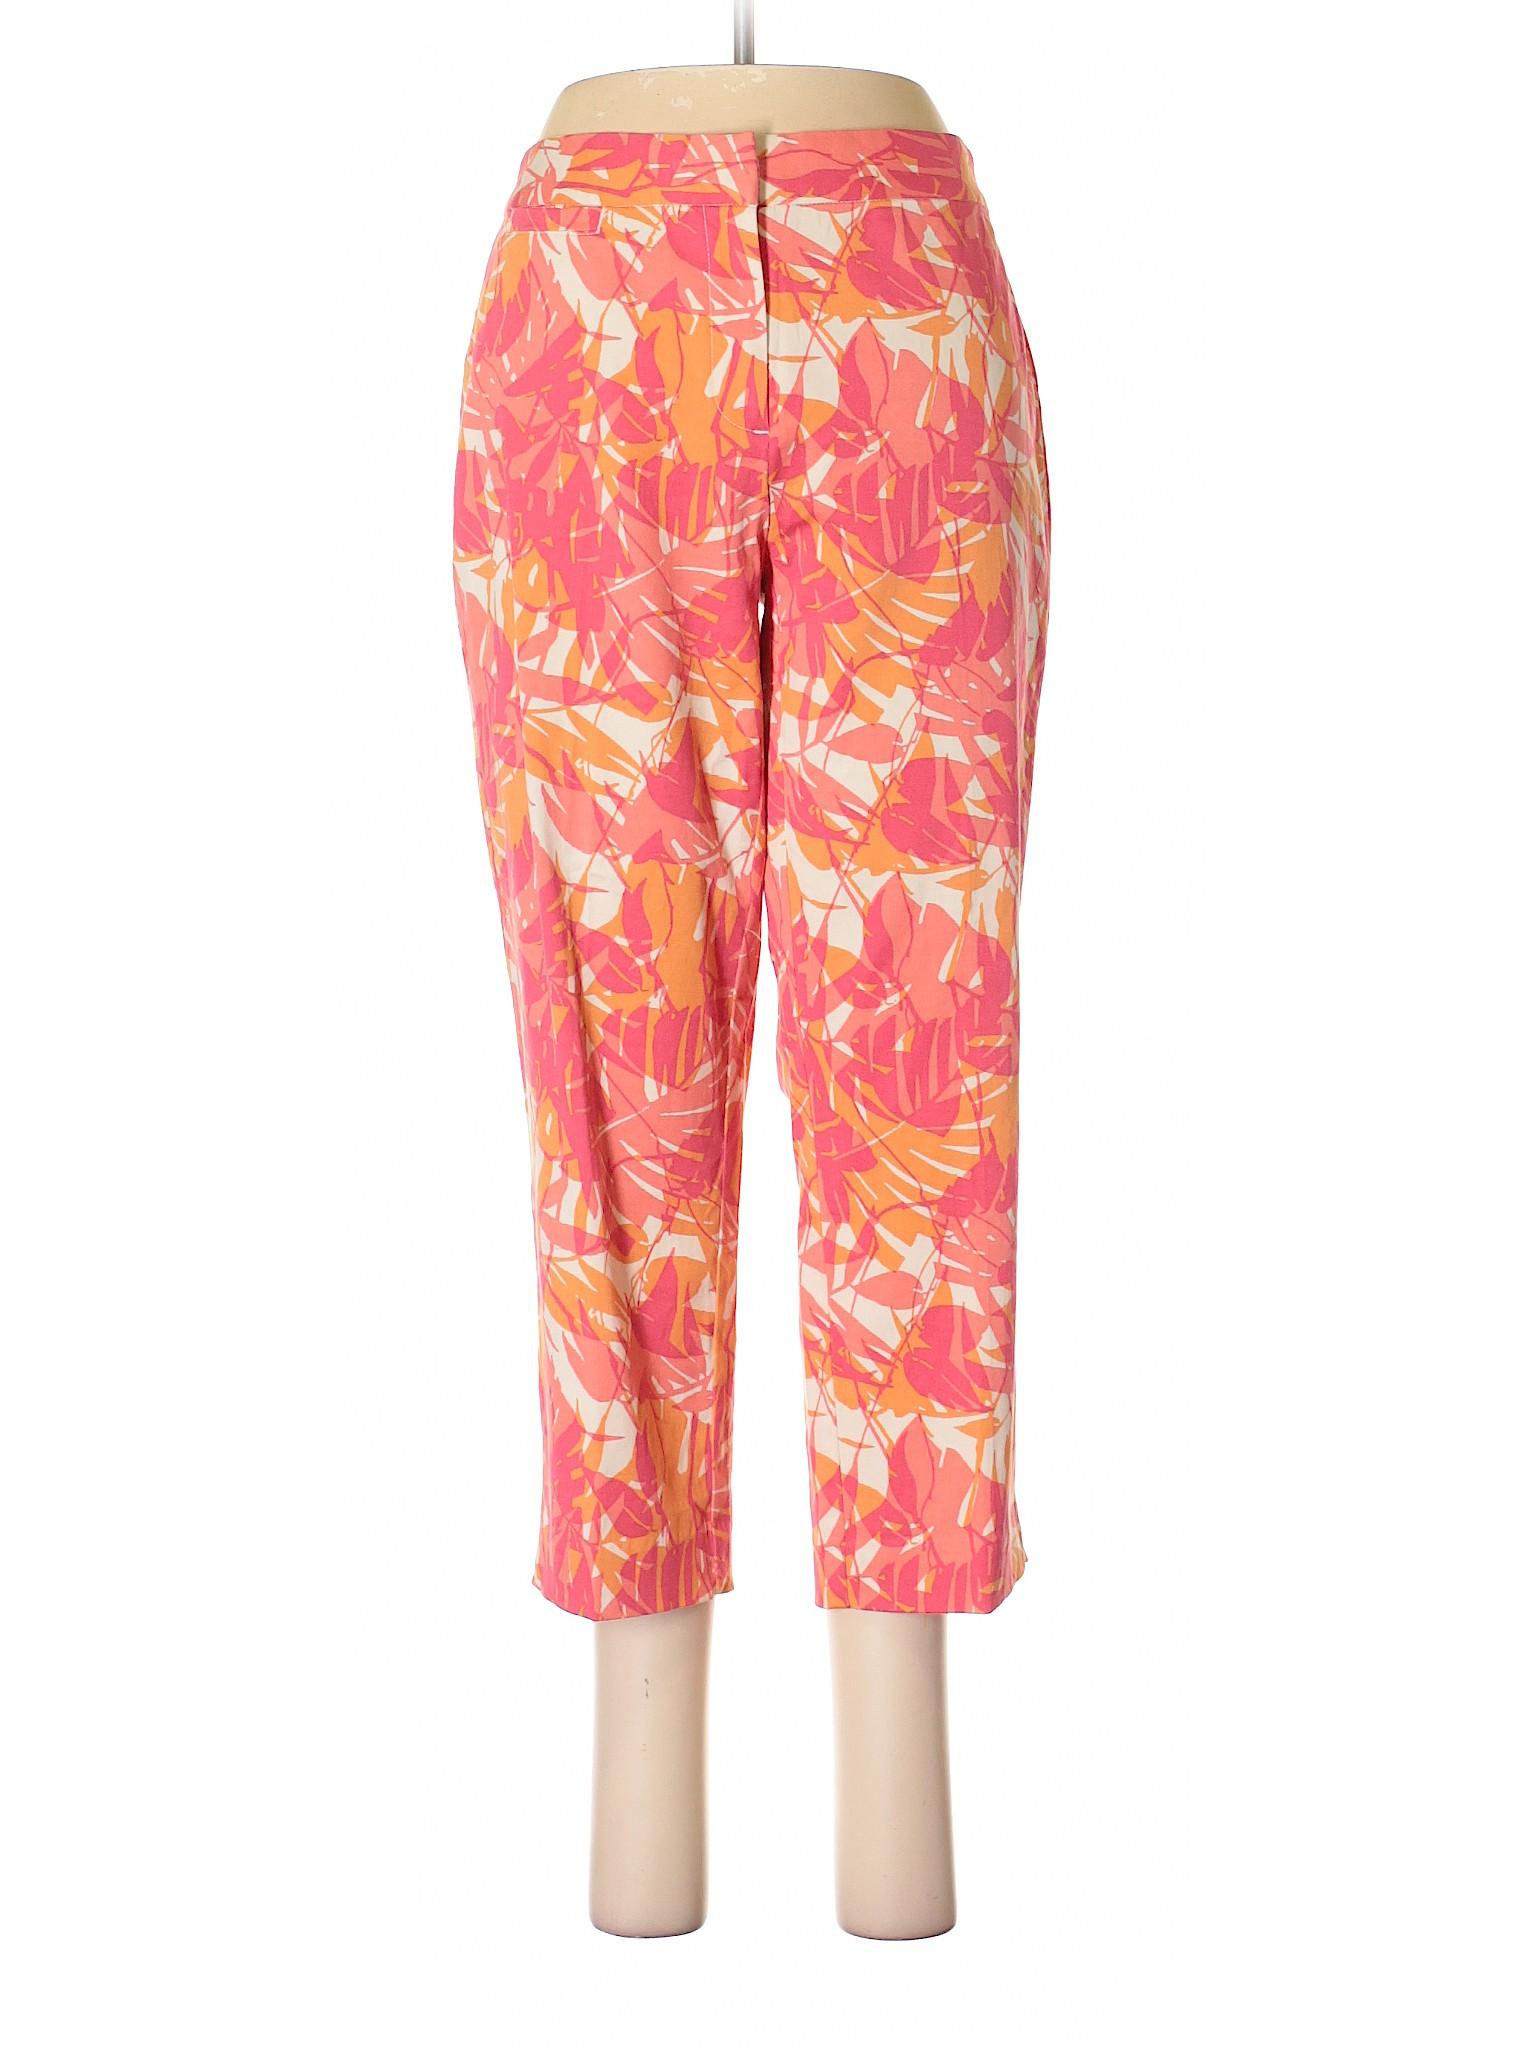 Boutique J Pants jill winter Casual 0vqr0Z